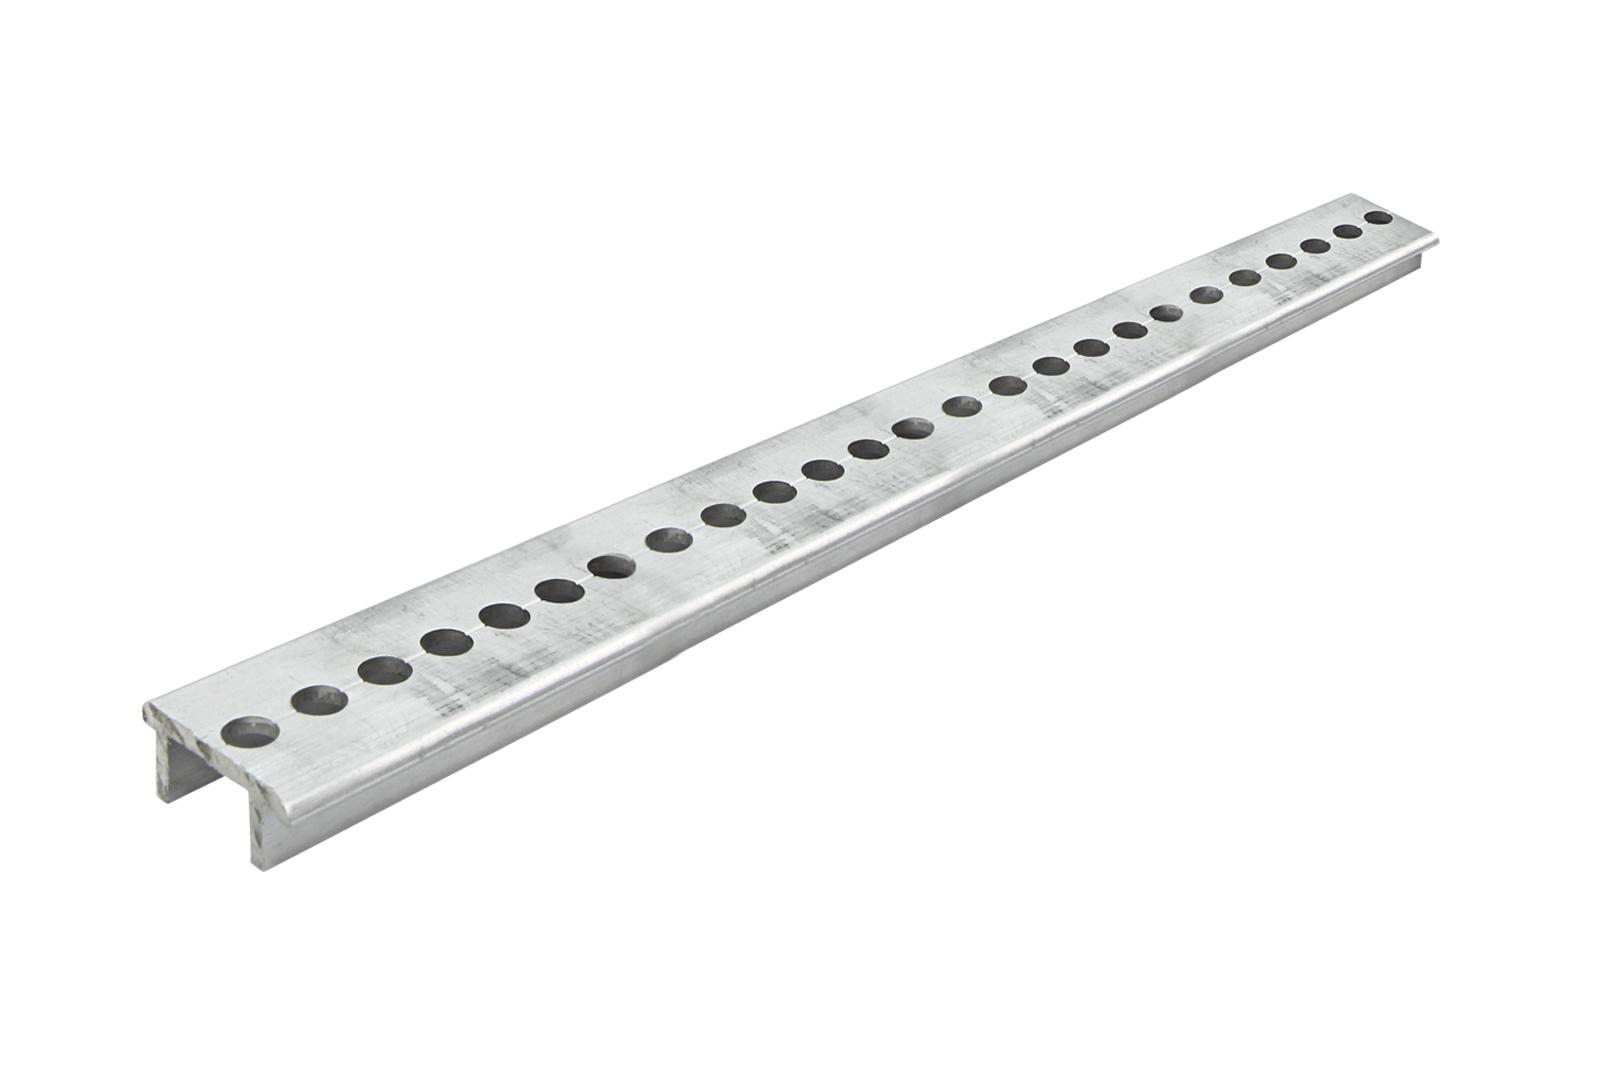 Фото Профиль алюминиевый для установки шинных держателей НШД 2м TDM {SQ0834-0015}